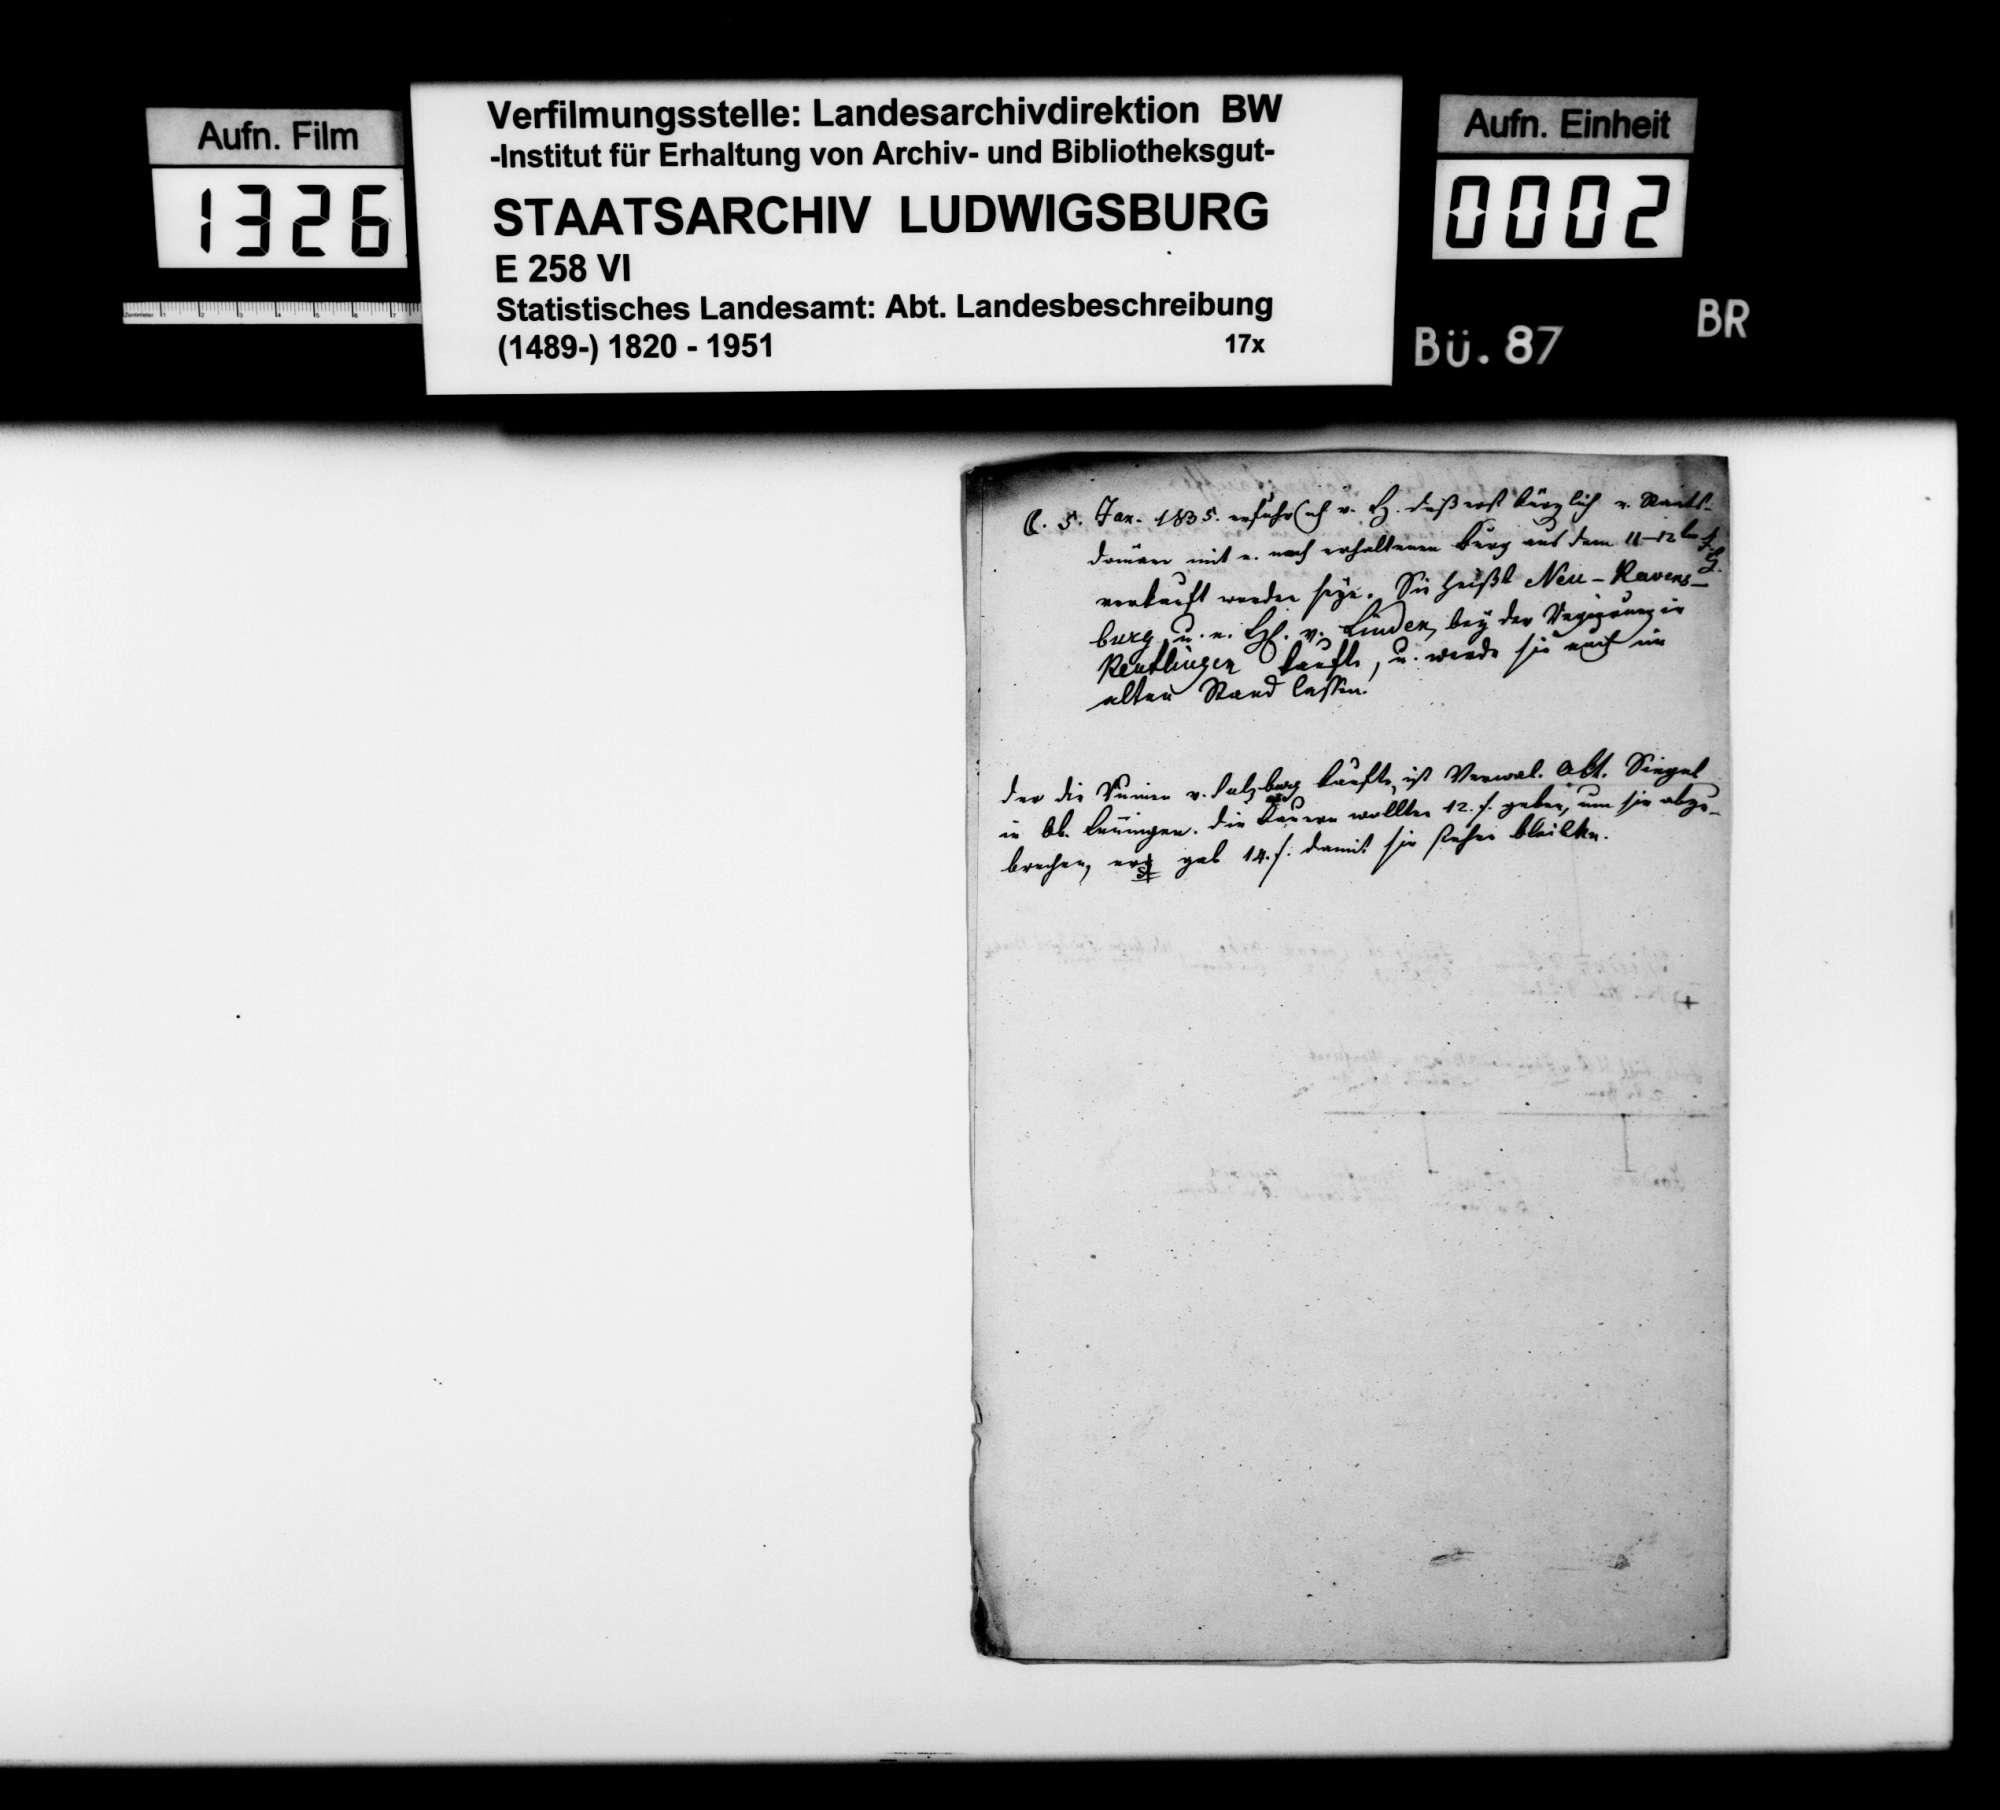 Verschiedenes Material [des Kupferstechers August Seyffer] zu den württembergischen Altertümern, Bild 1